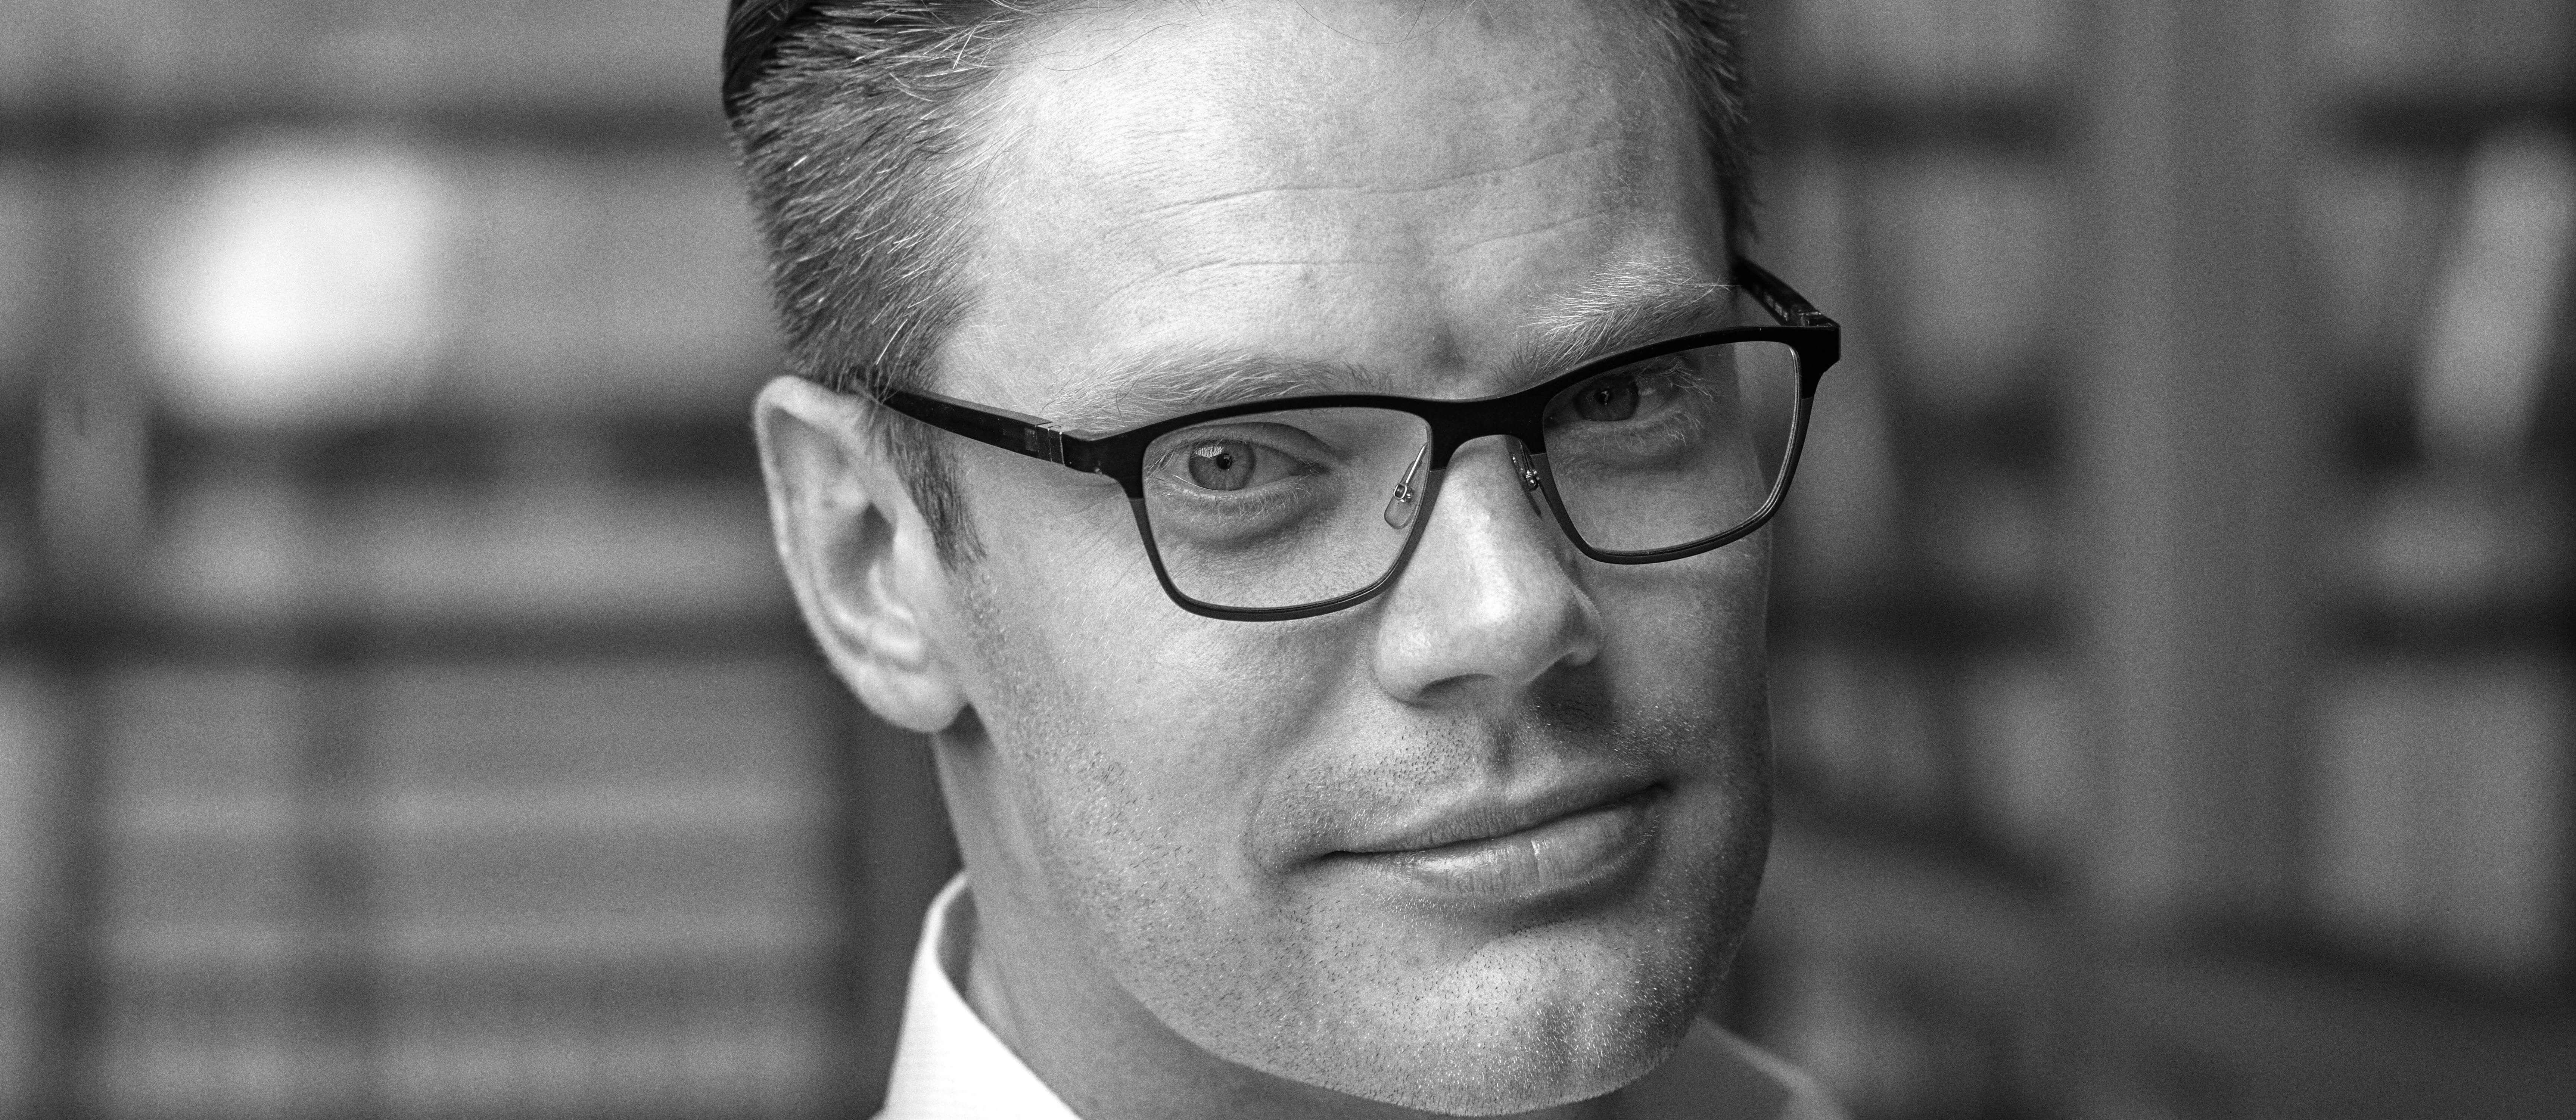 Na Drukwerkdeal gaat oprichter Marco Aarnink met Print.com all the way: hij stopt alles wat hij heeft in zijn internationale droom. Lees verder op Brookz